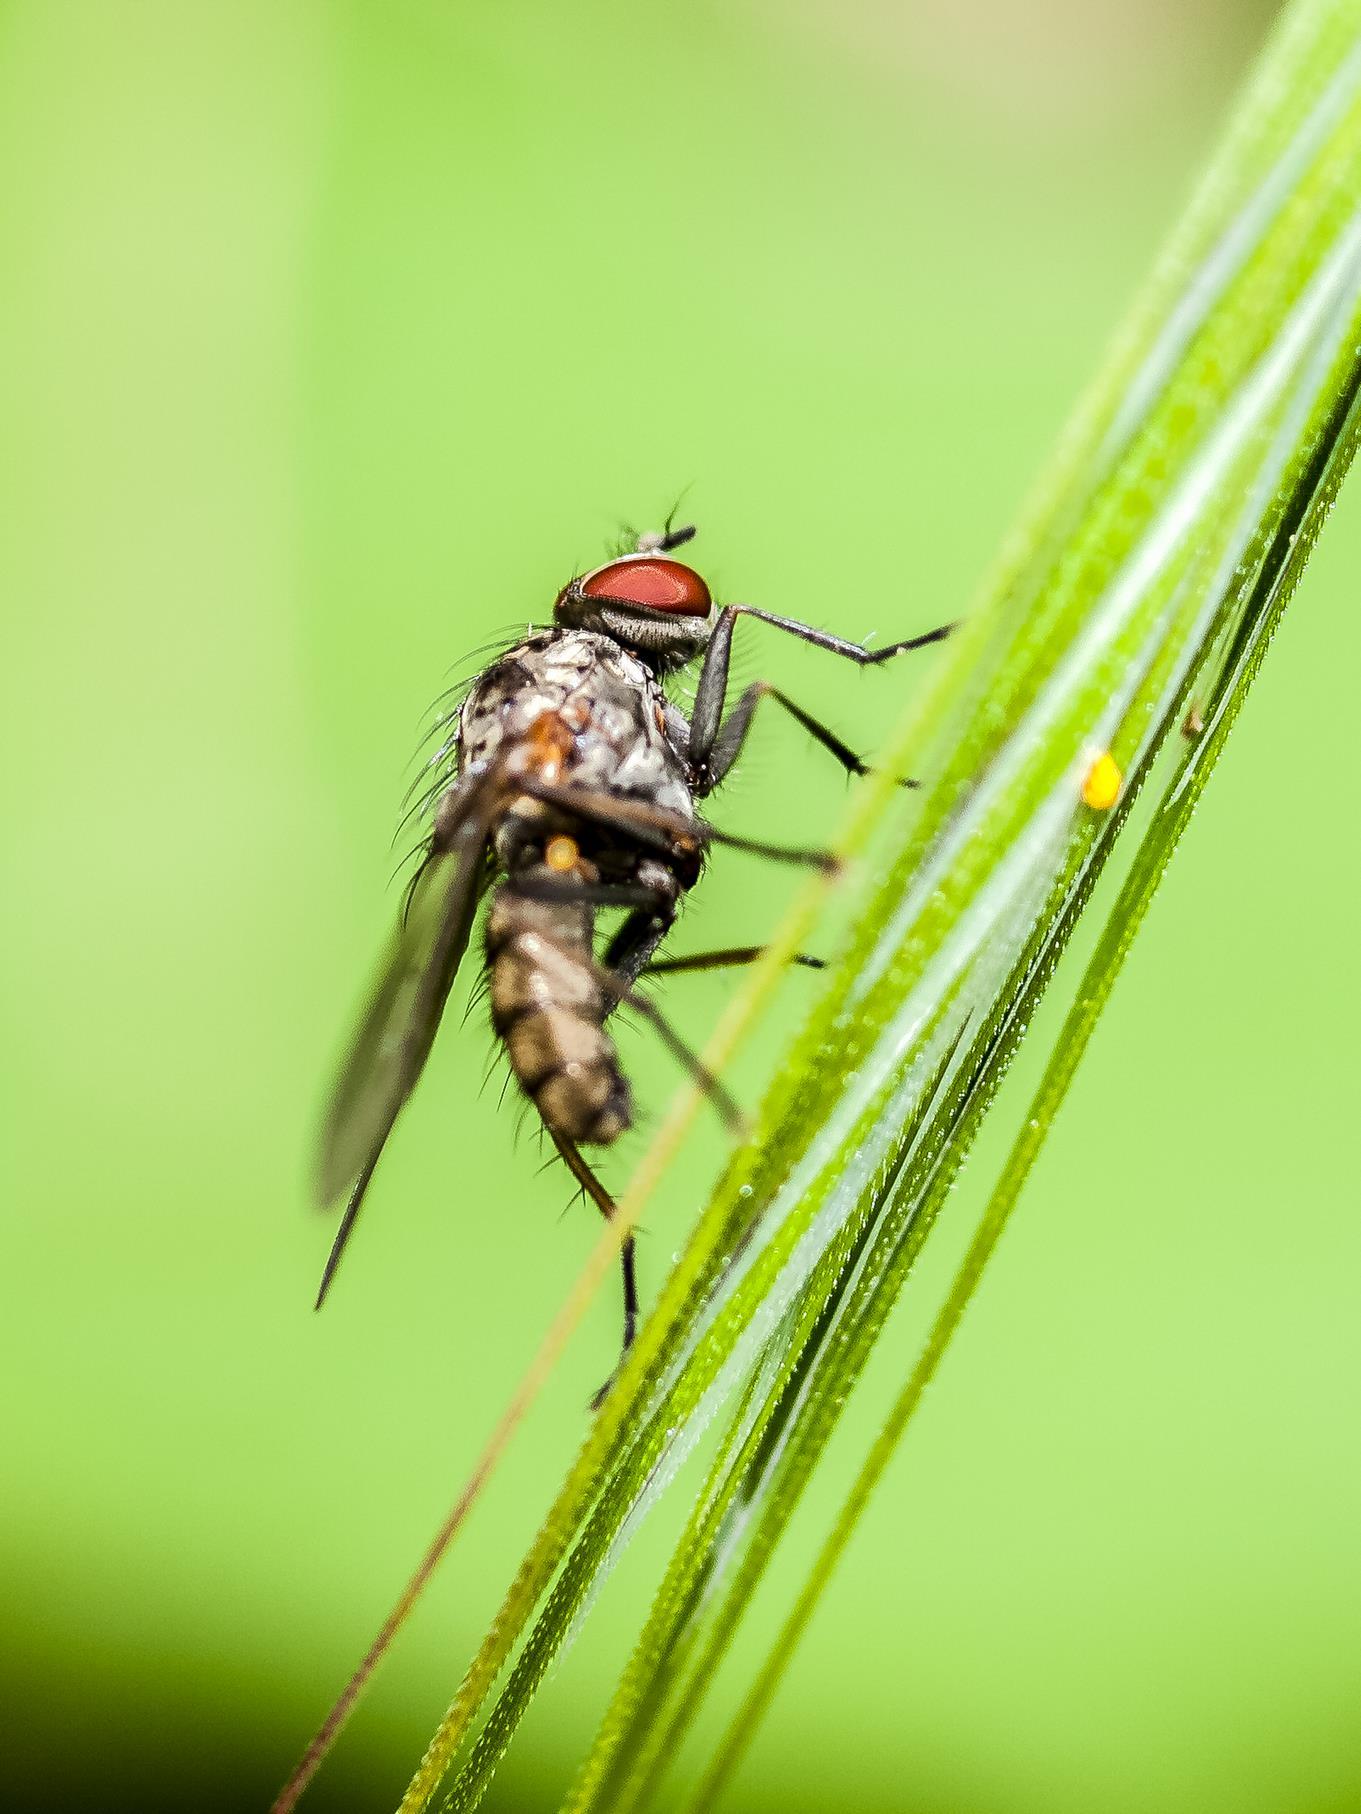 Eine Fliege sitzt auf einem Grashalm.